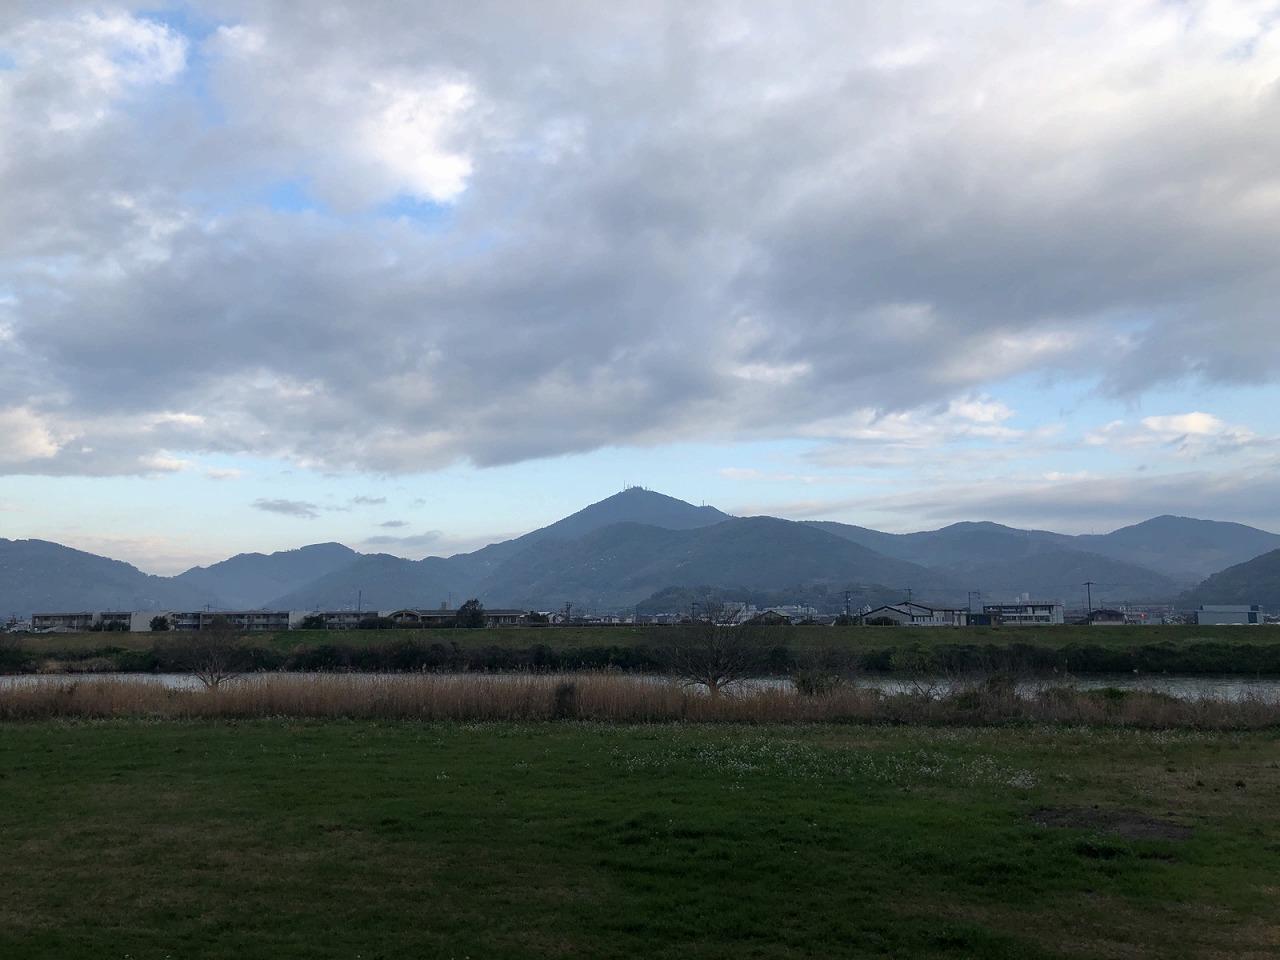 2020.3.19今朝の金峰山です!